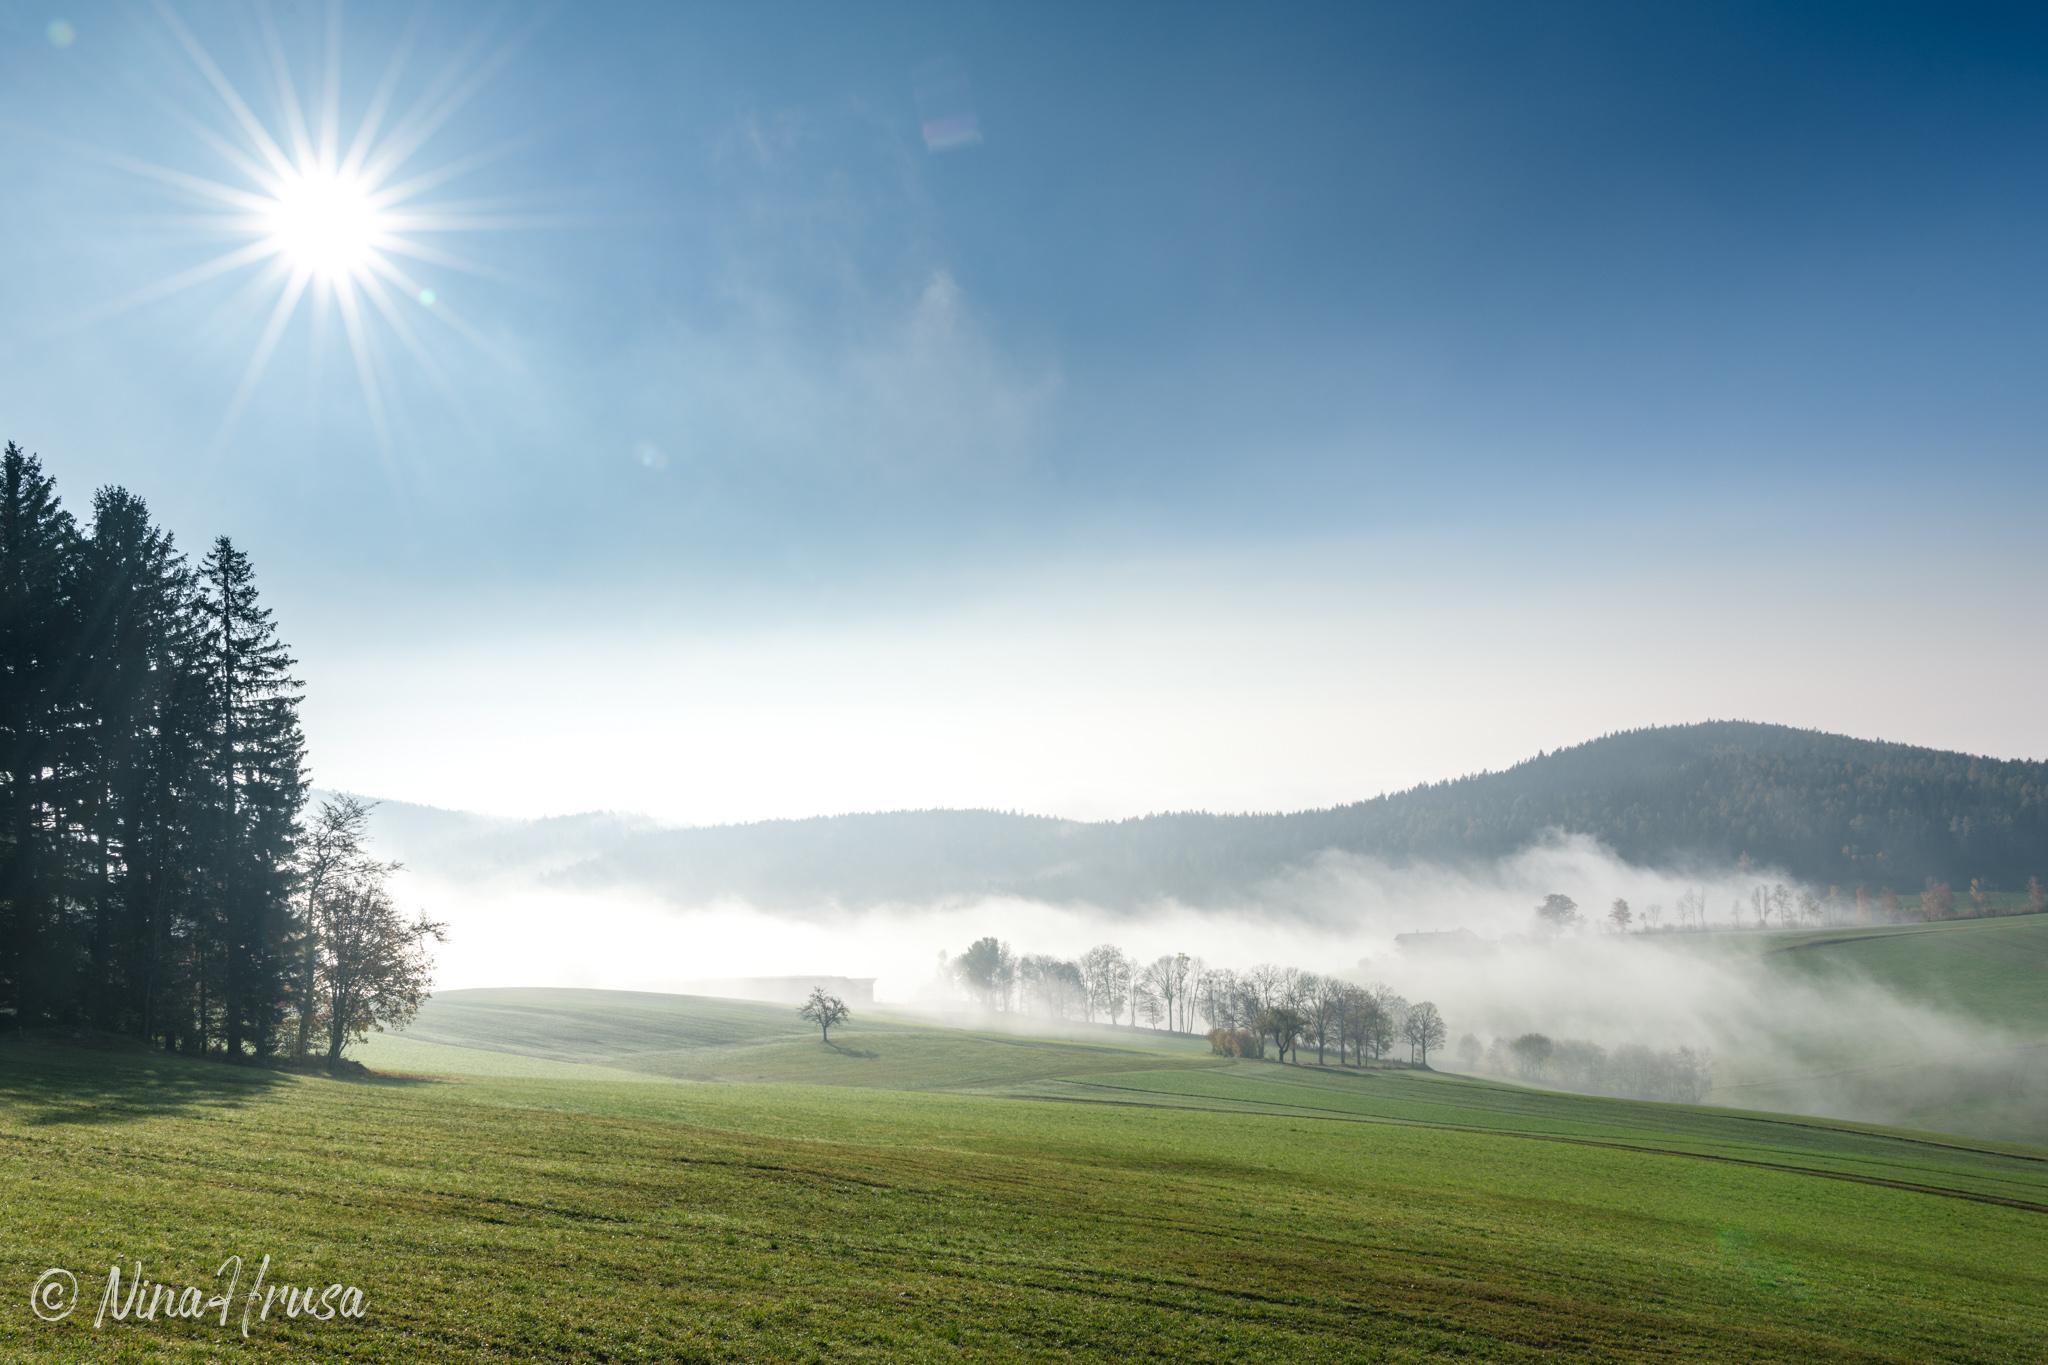 Sonne und Nebel, Oststeiermark, Zwischenmomente | Nina Hrusa Photography